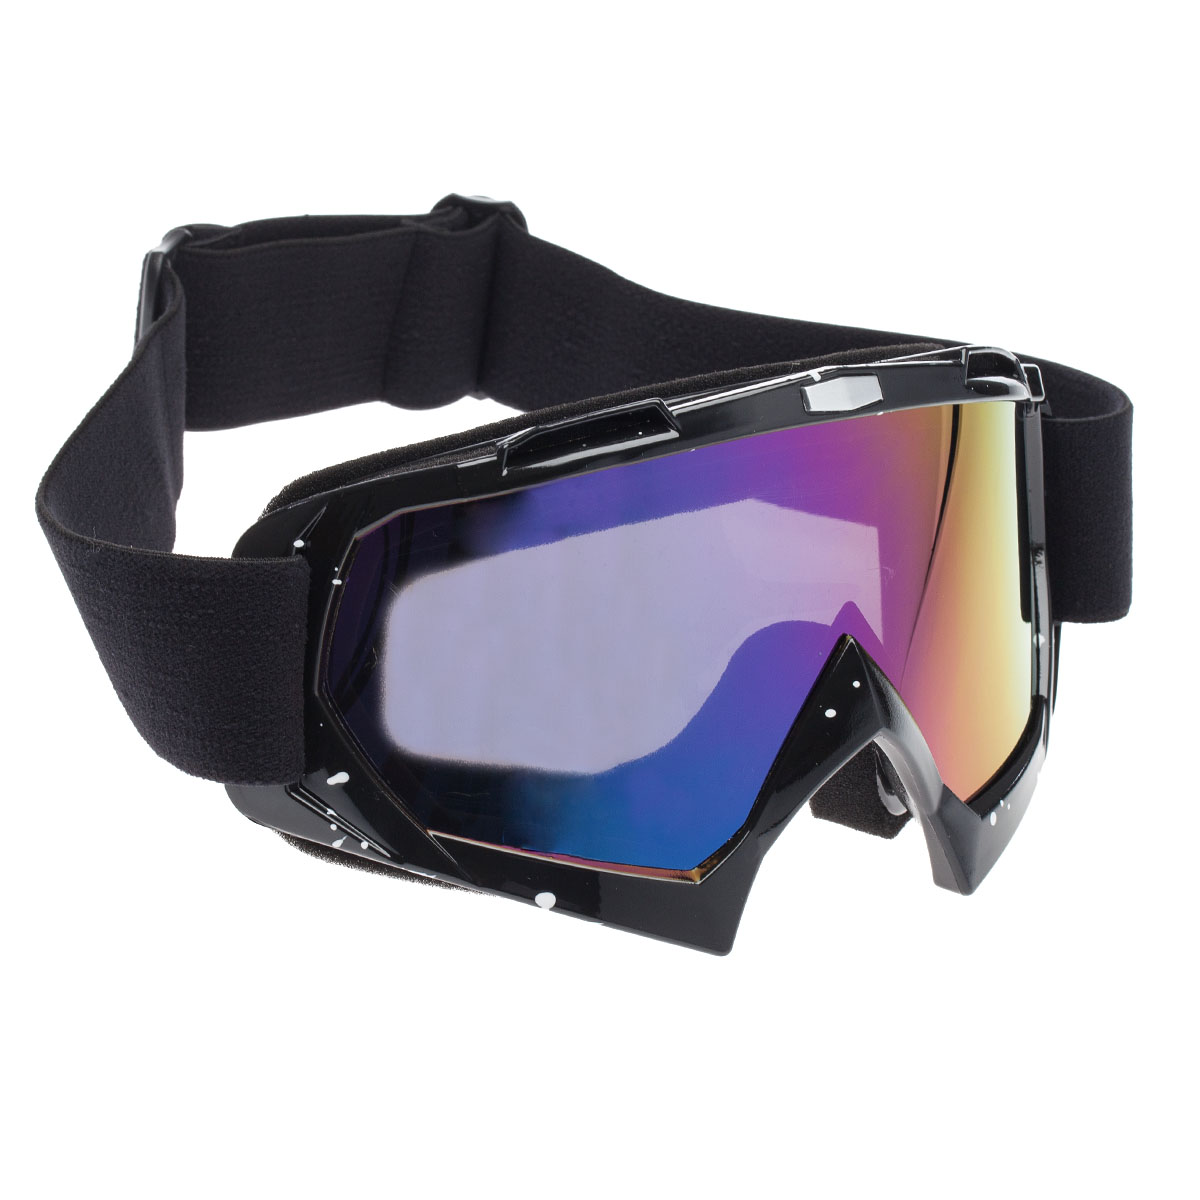 Горнолыжные очки Exparc, 15653-5 горнолыжные очки recon zeal z3 sppx белые